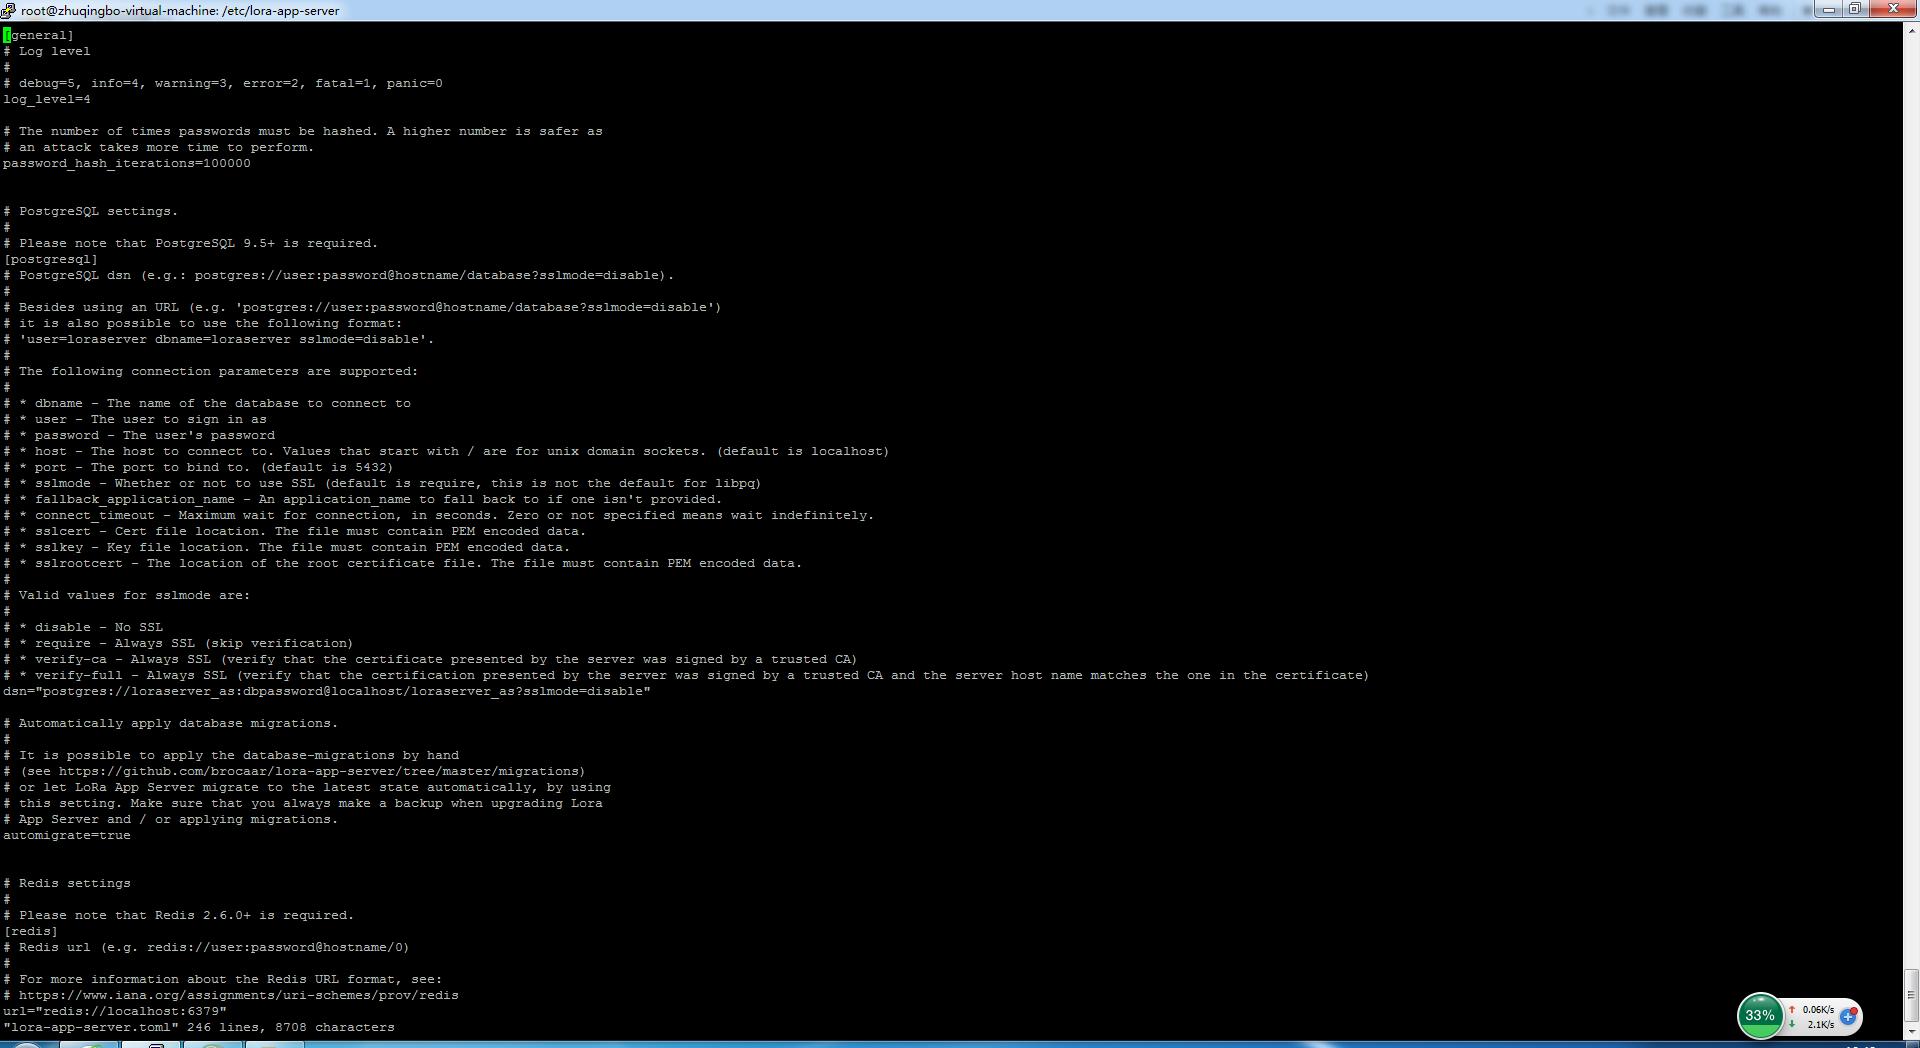 Lora App Server UI Problem - Setup and configuration - LoRa